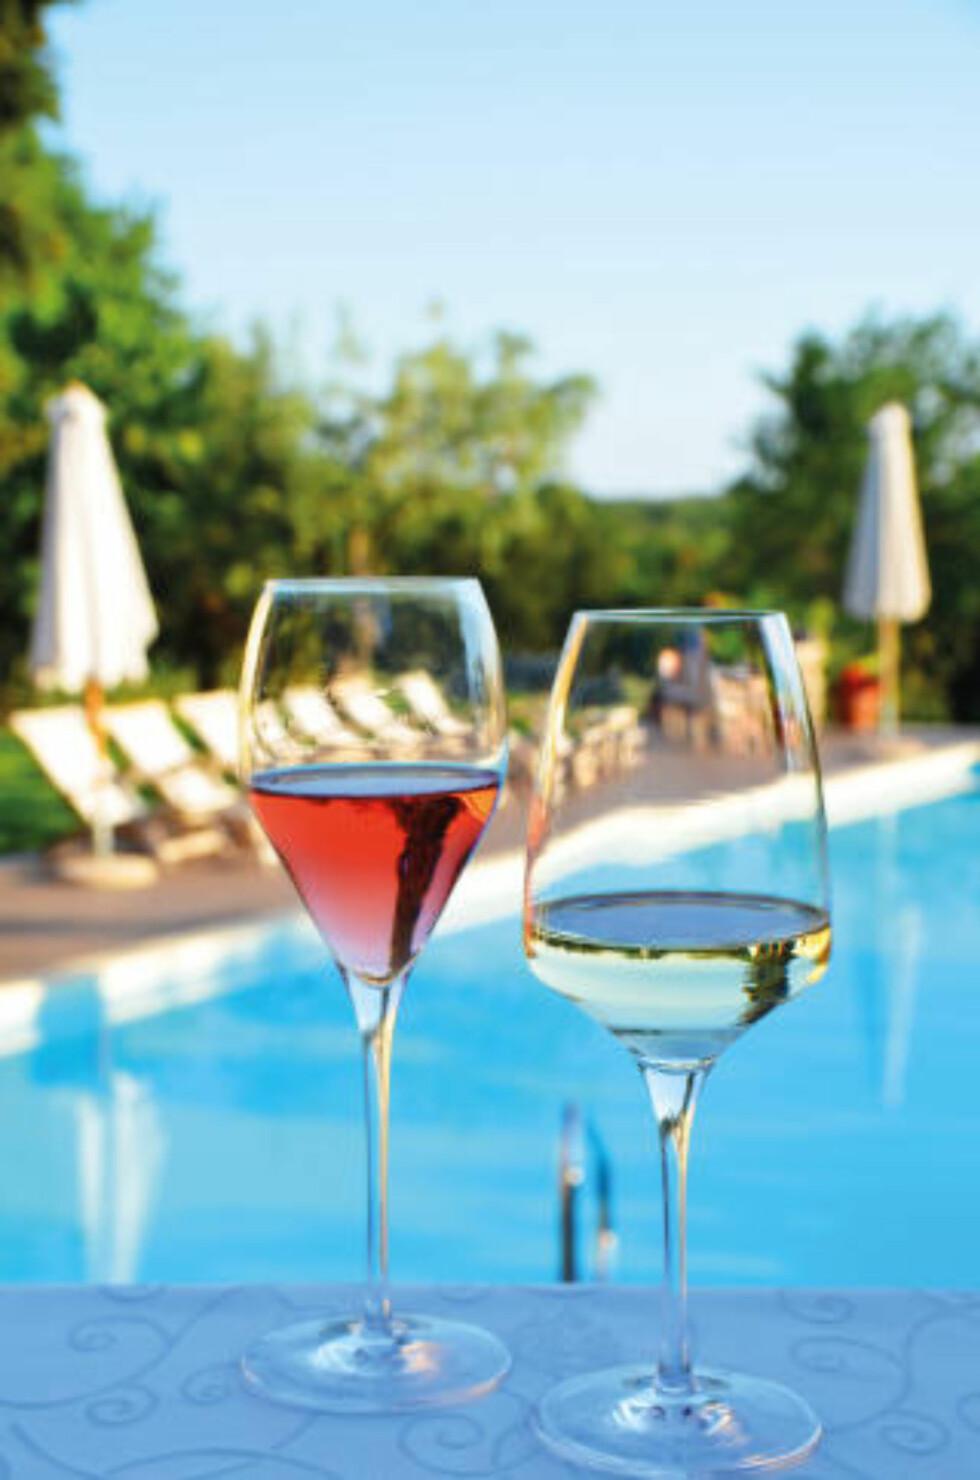 DET GODE LIV: Det lille hotellet San Rocco i Brtonigla er kåret til Kroatias beste boutiquehotell flere ganger. Og her kan du absolutt nyte livets glade dager. Foto: MARTE VEIMO